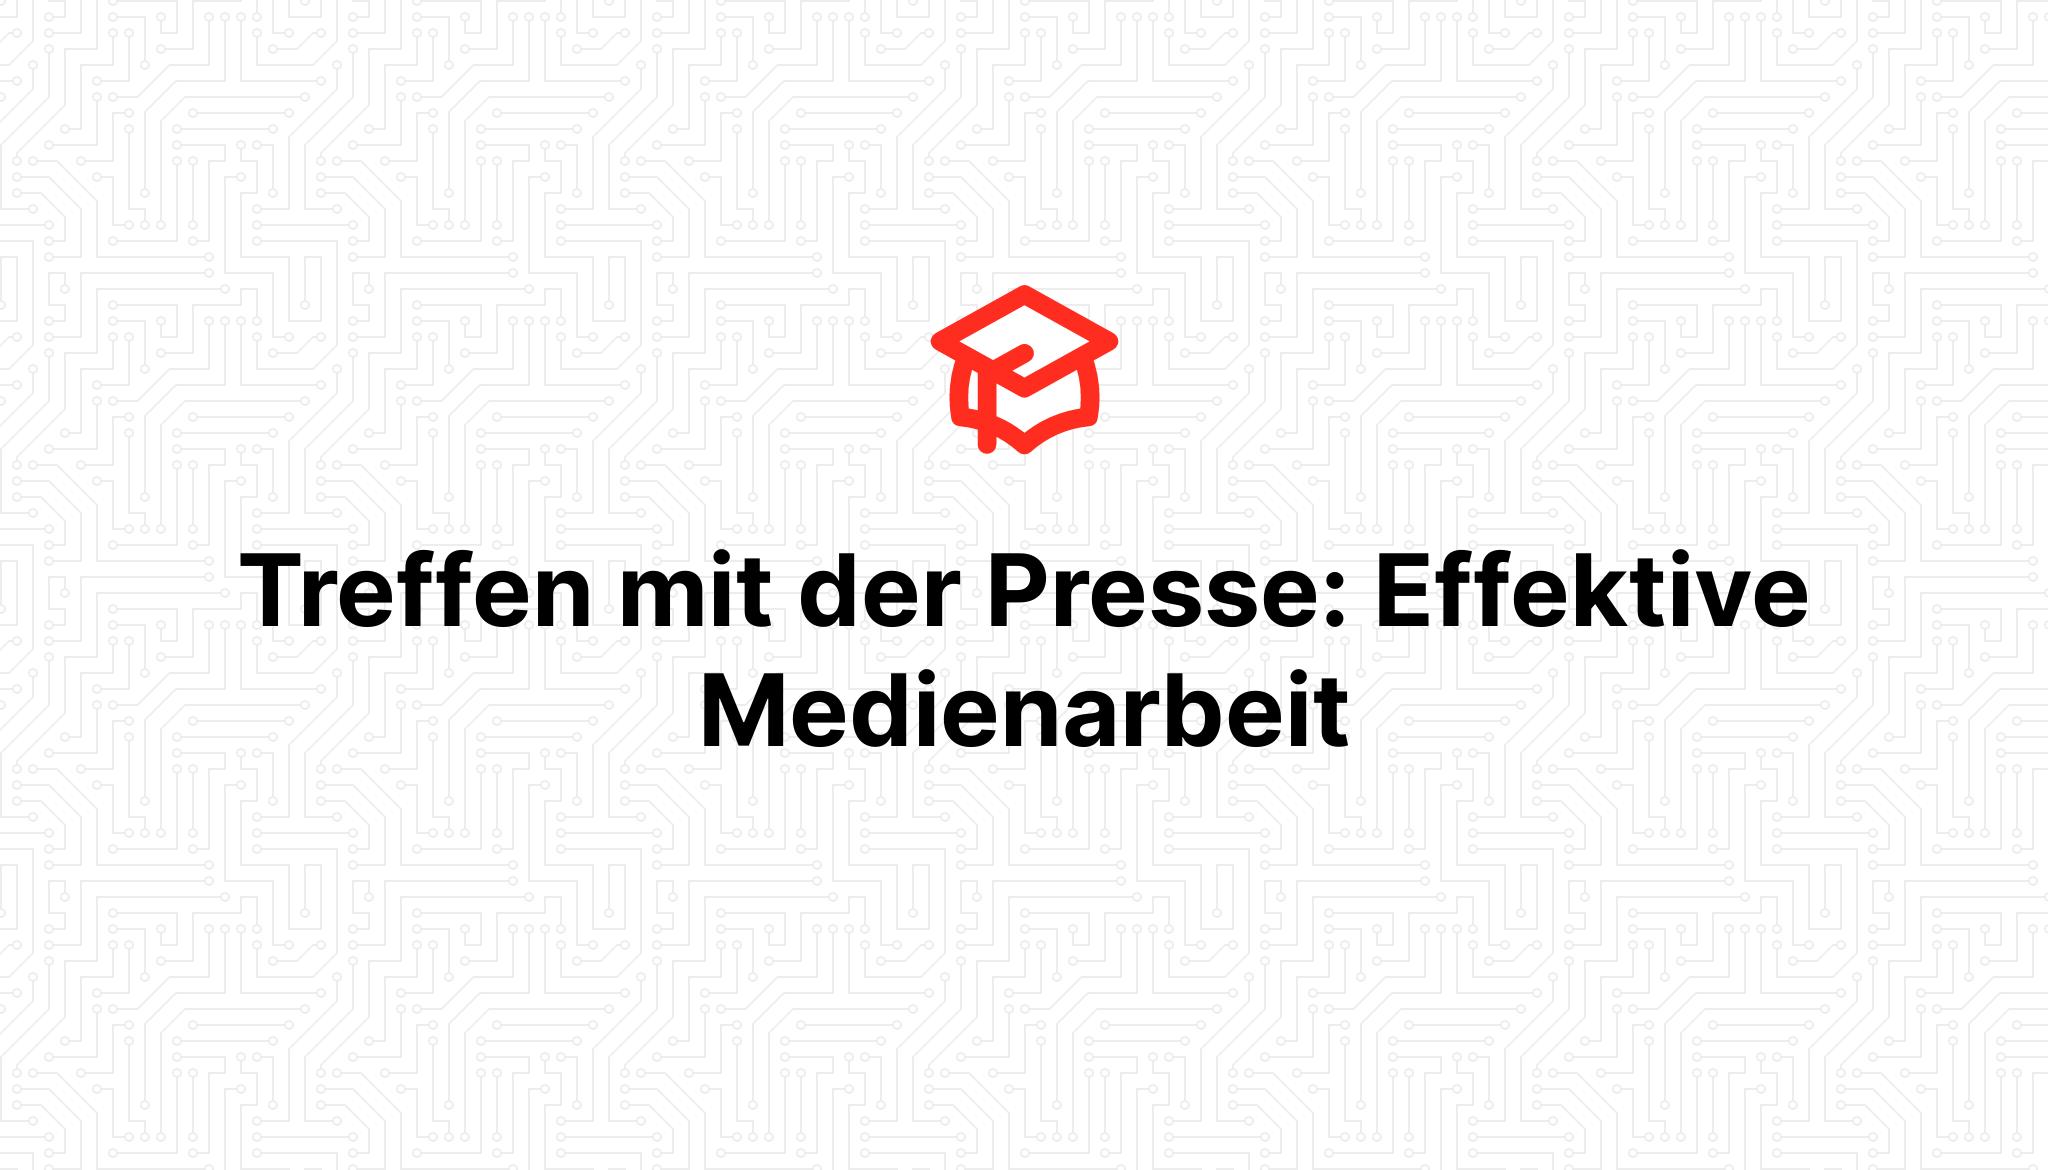 Treffen mit der Presse: Effektive Medienarbeit